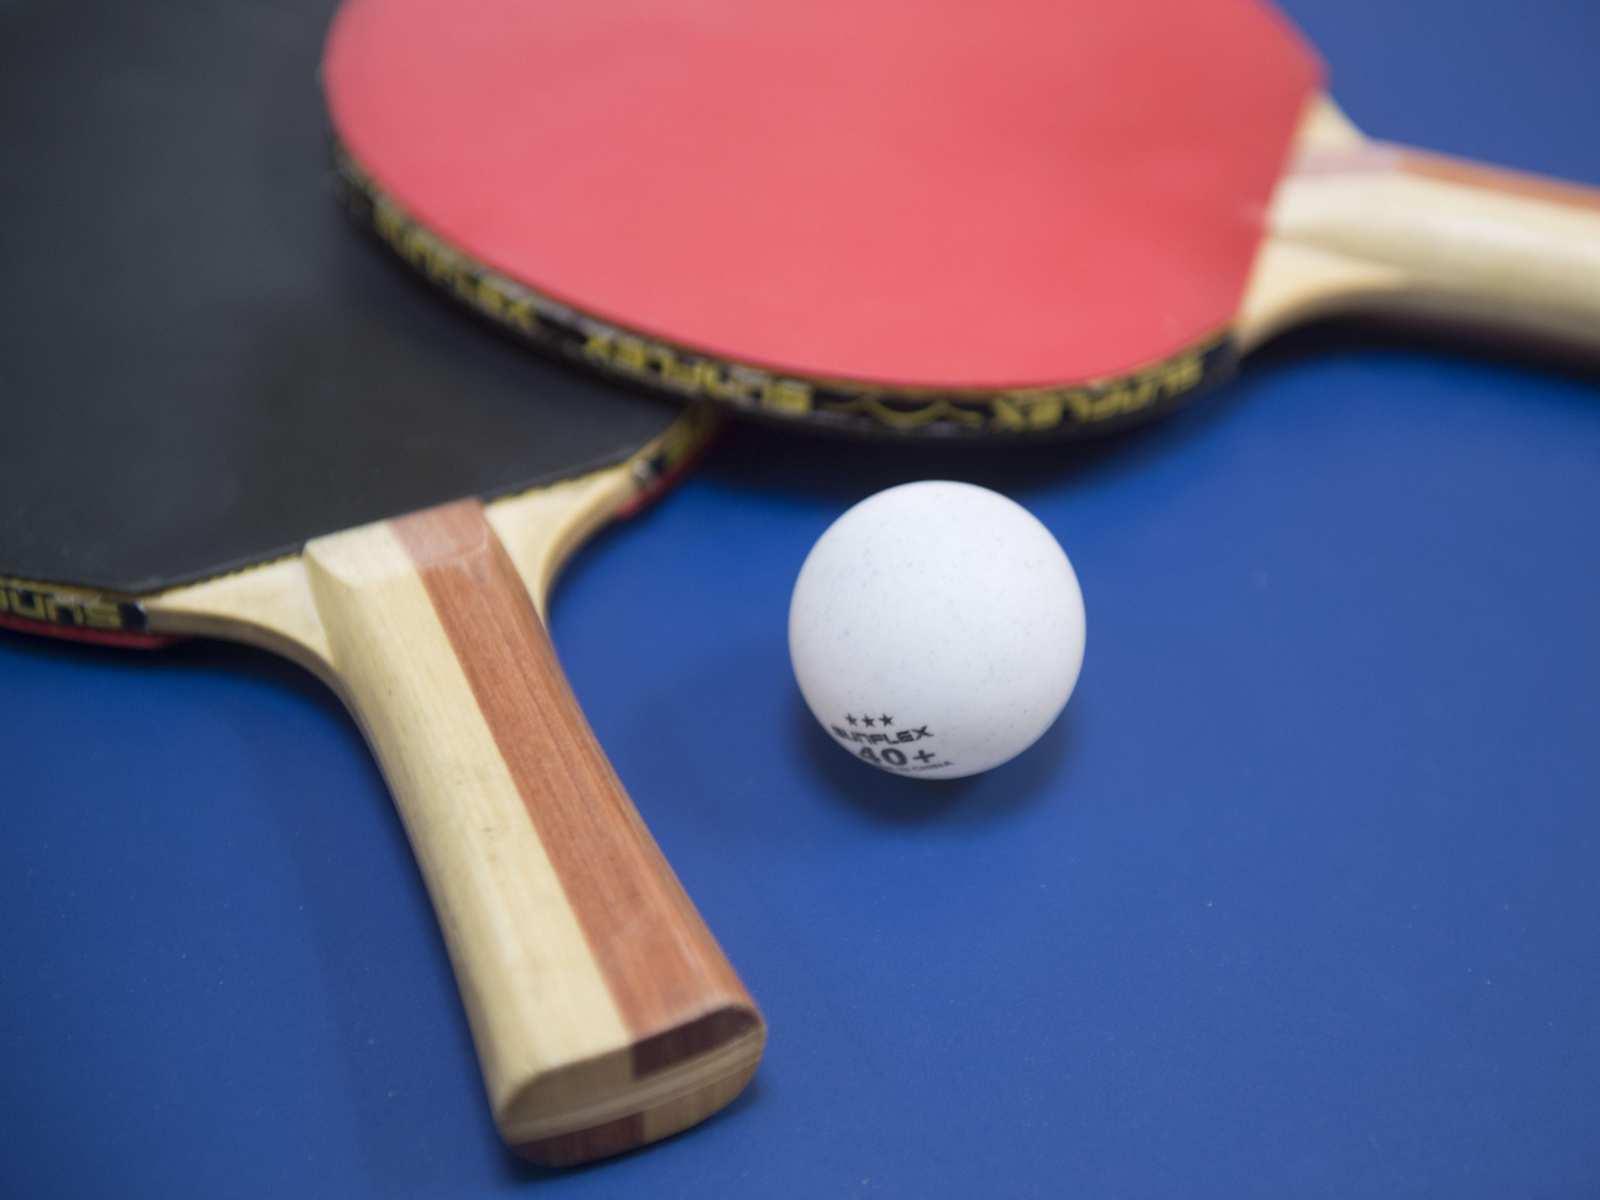 Zwei Tischtennisschläger und ein Ball auf einer blauen Platte